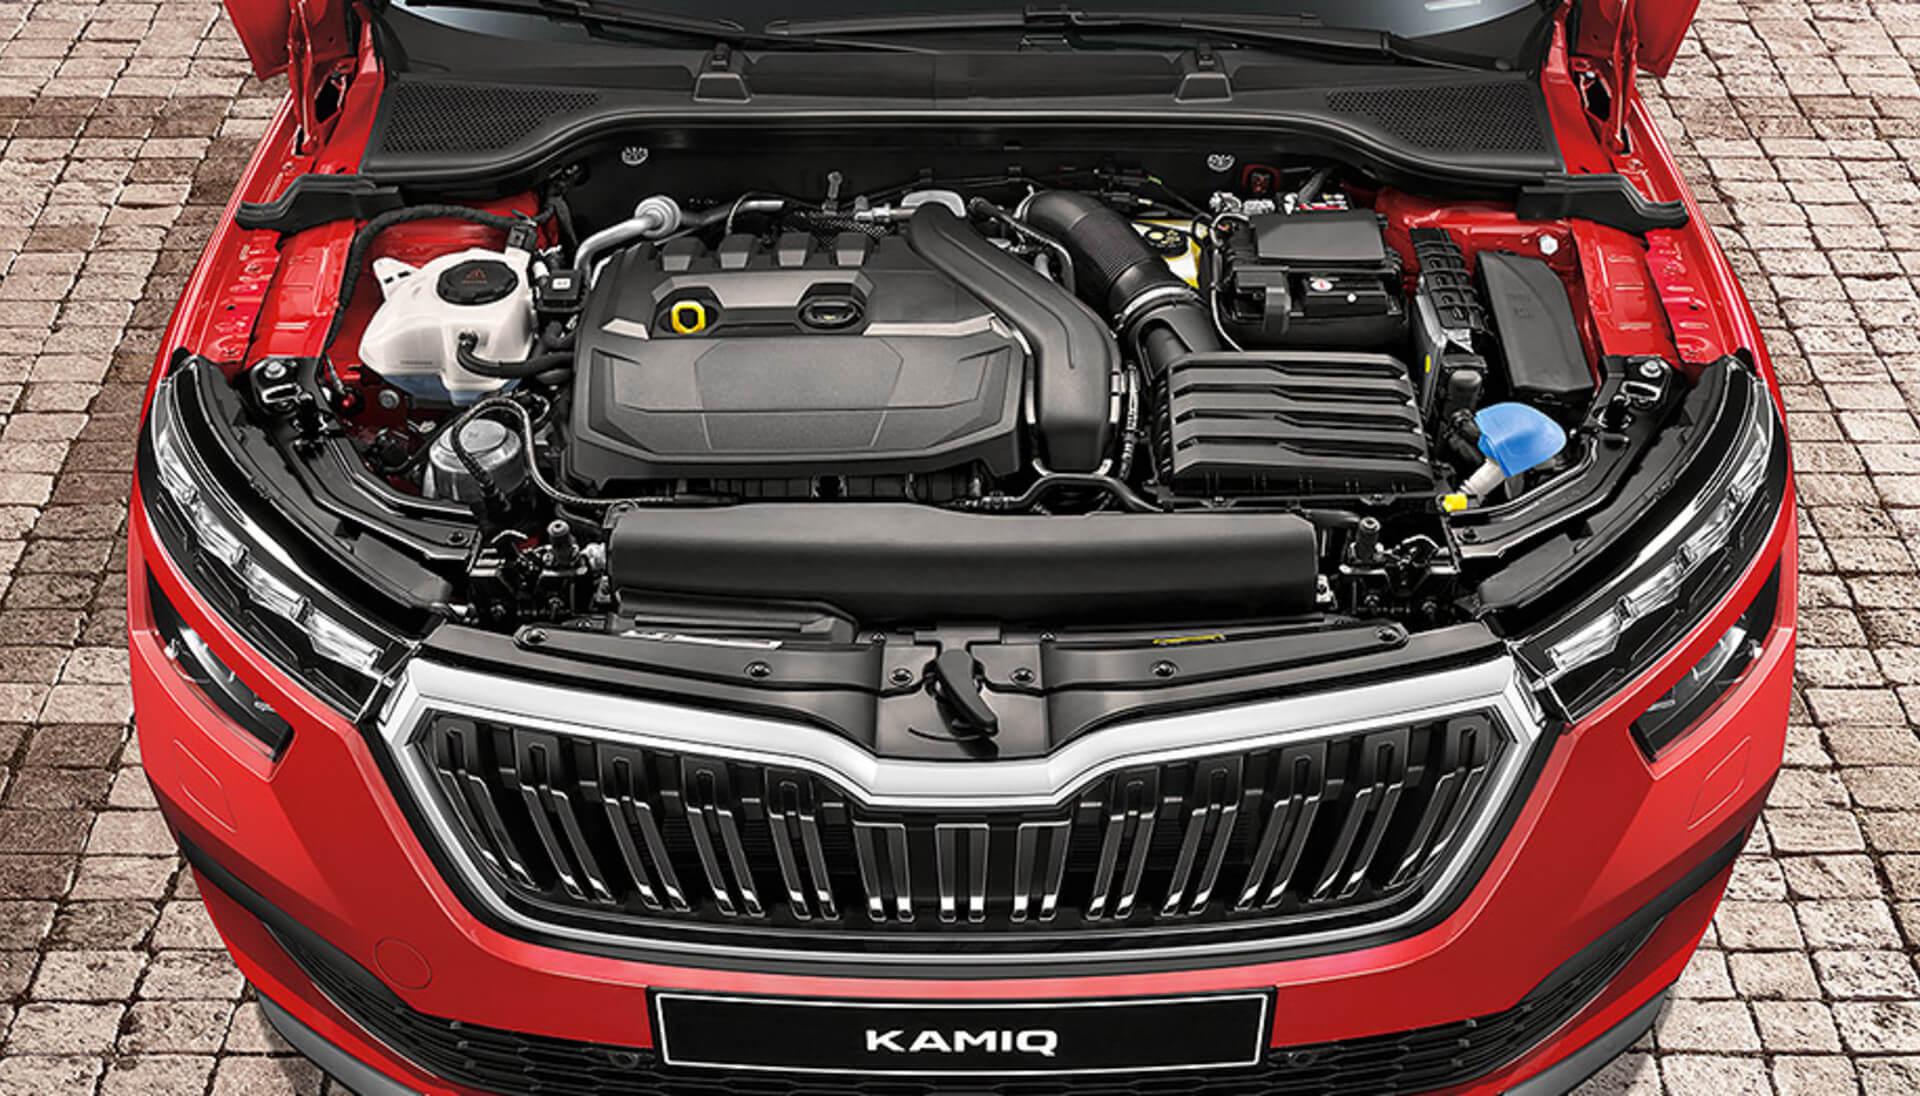 Kamiq Turbocharged Engine